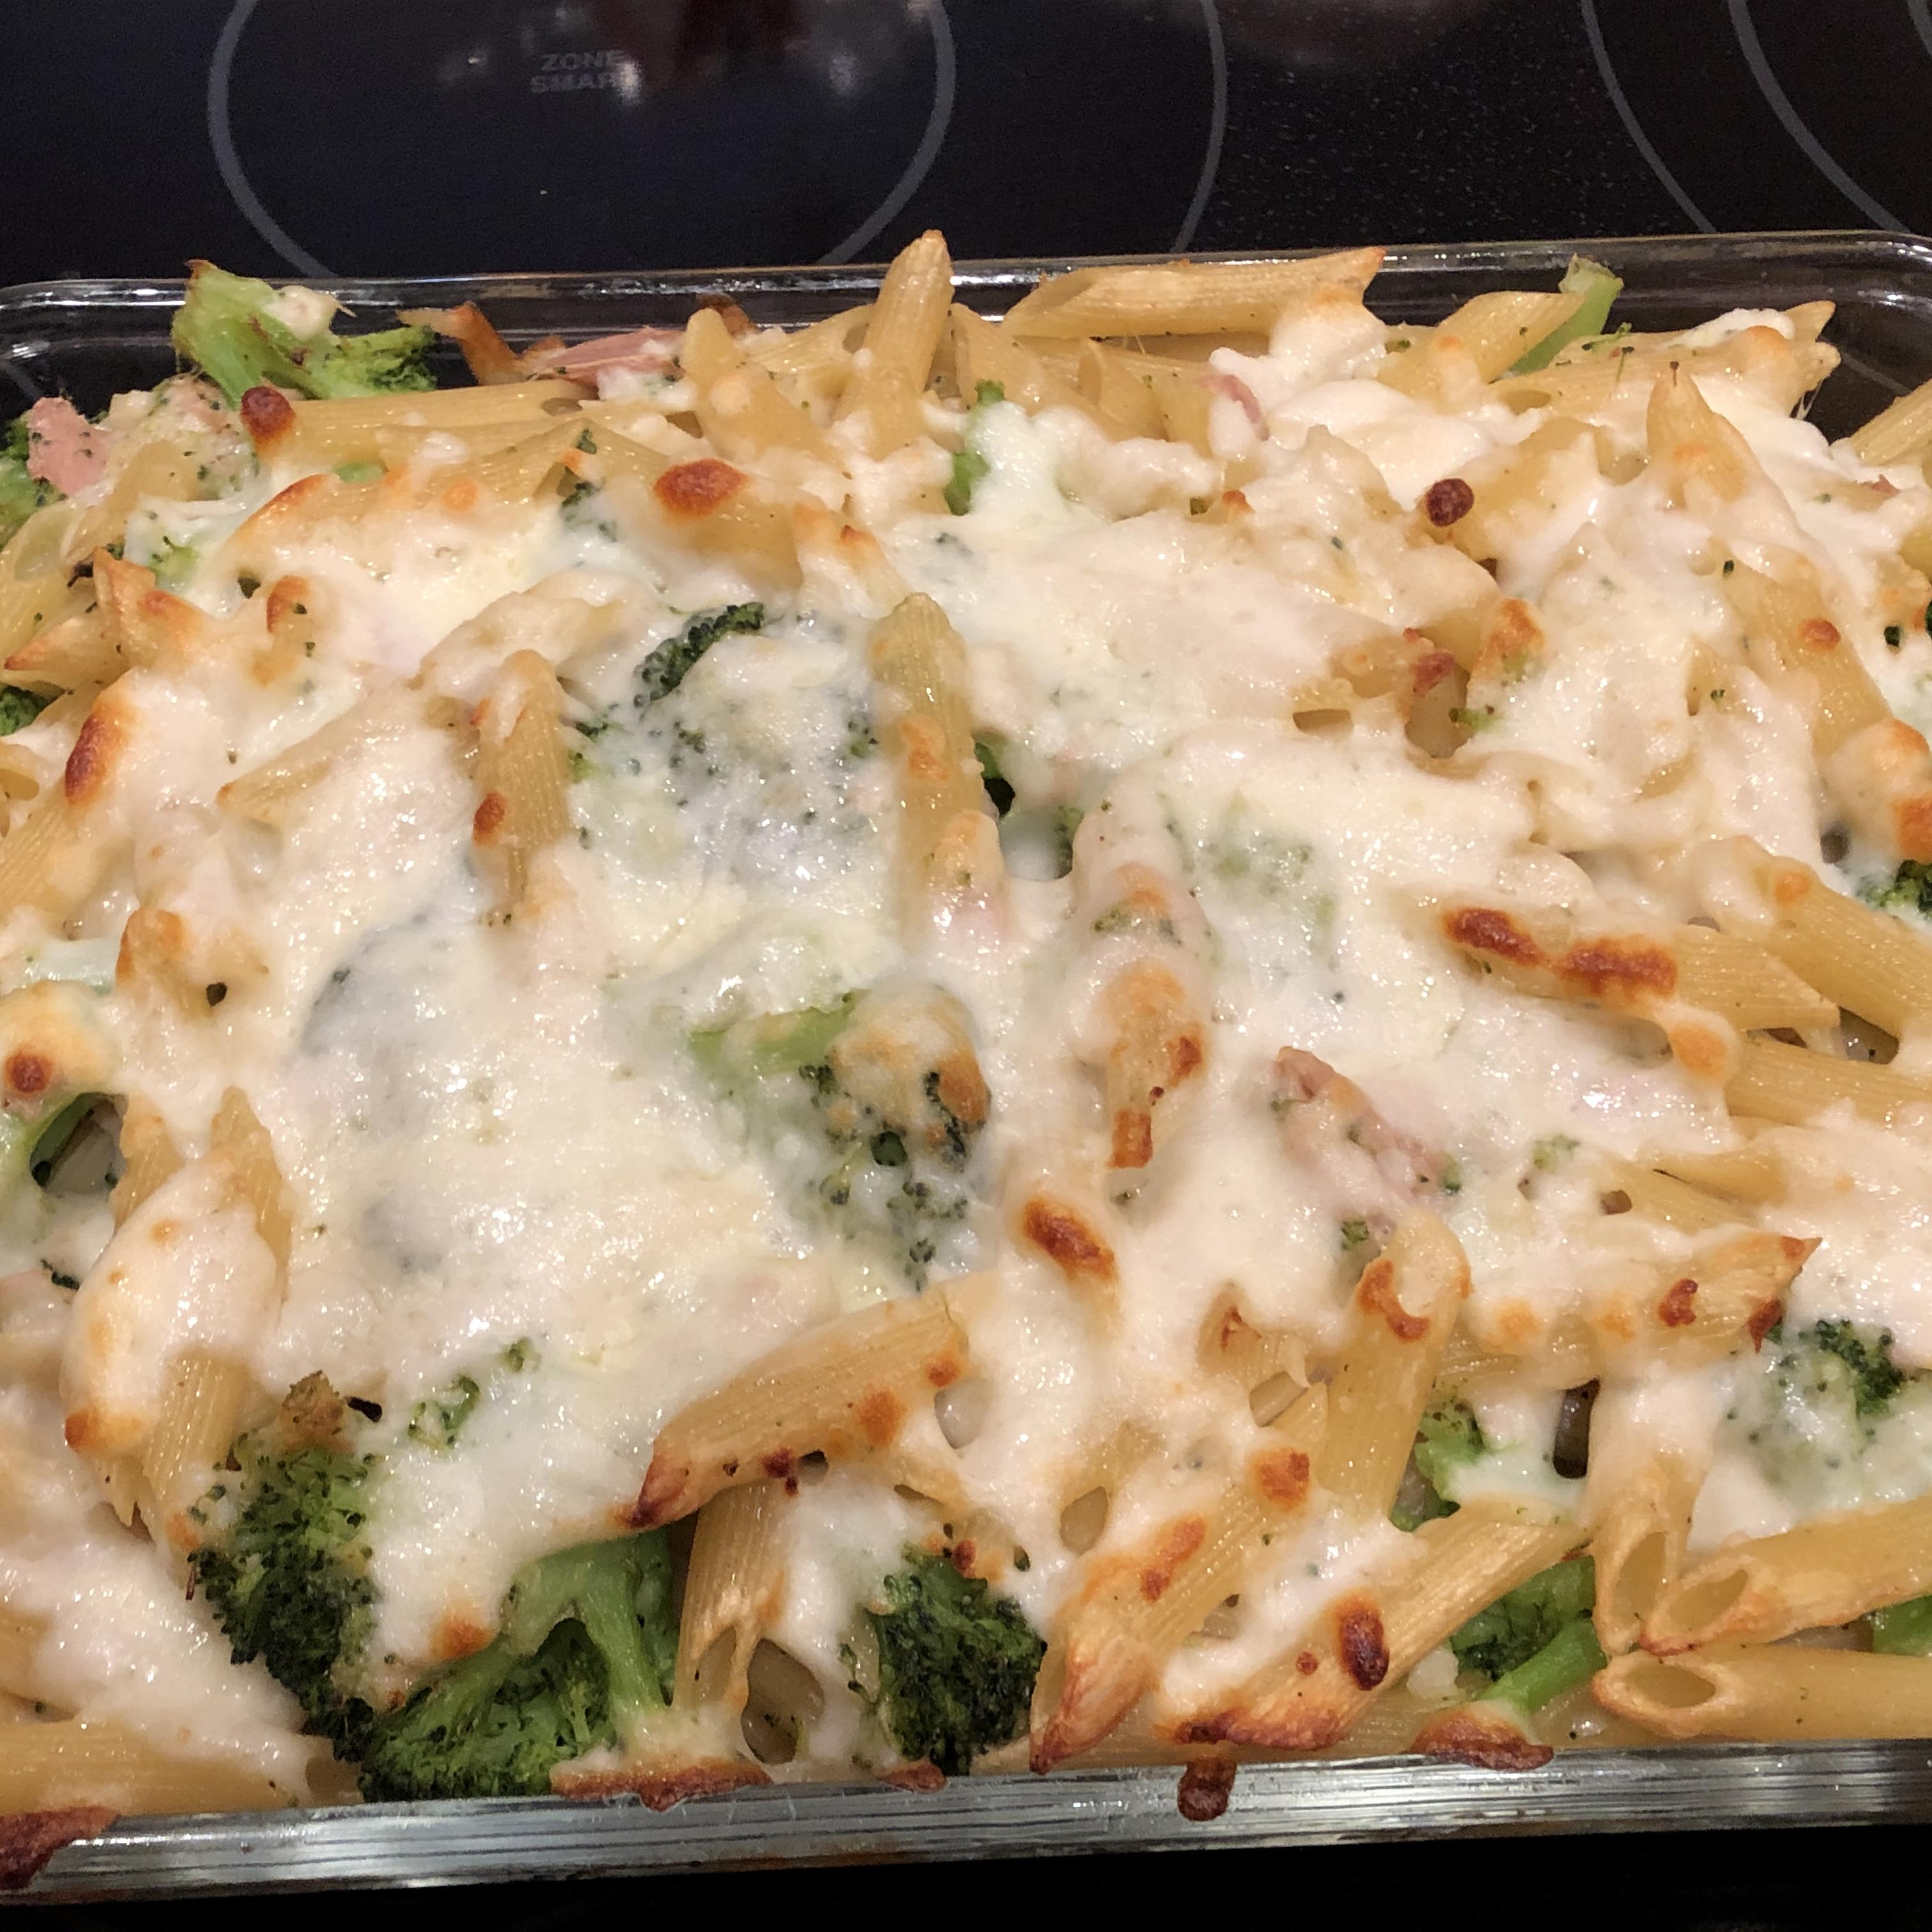 John's Broccoli and Ziti Casserole